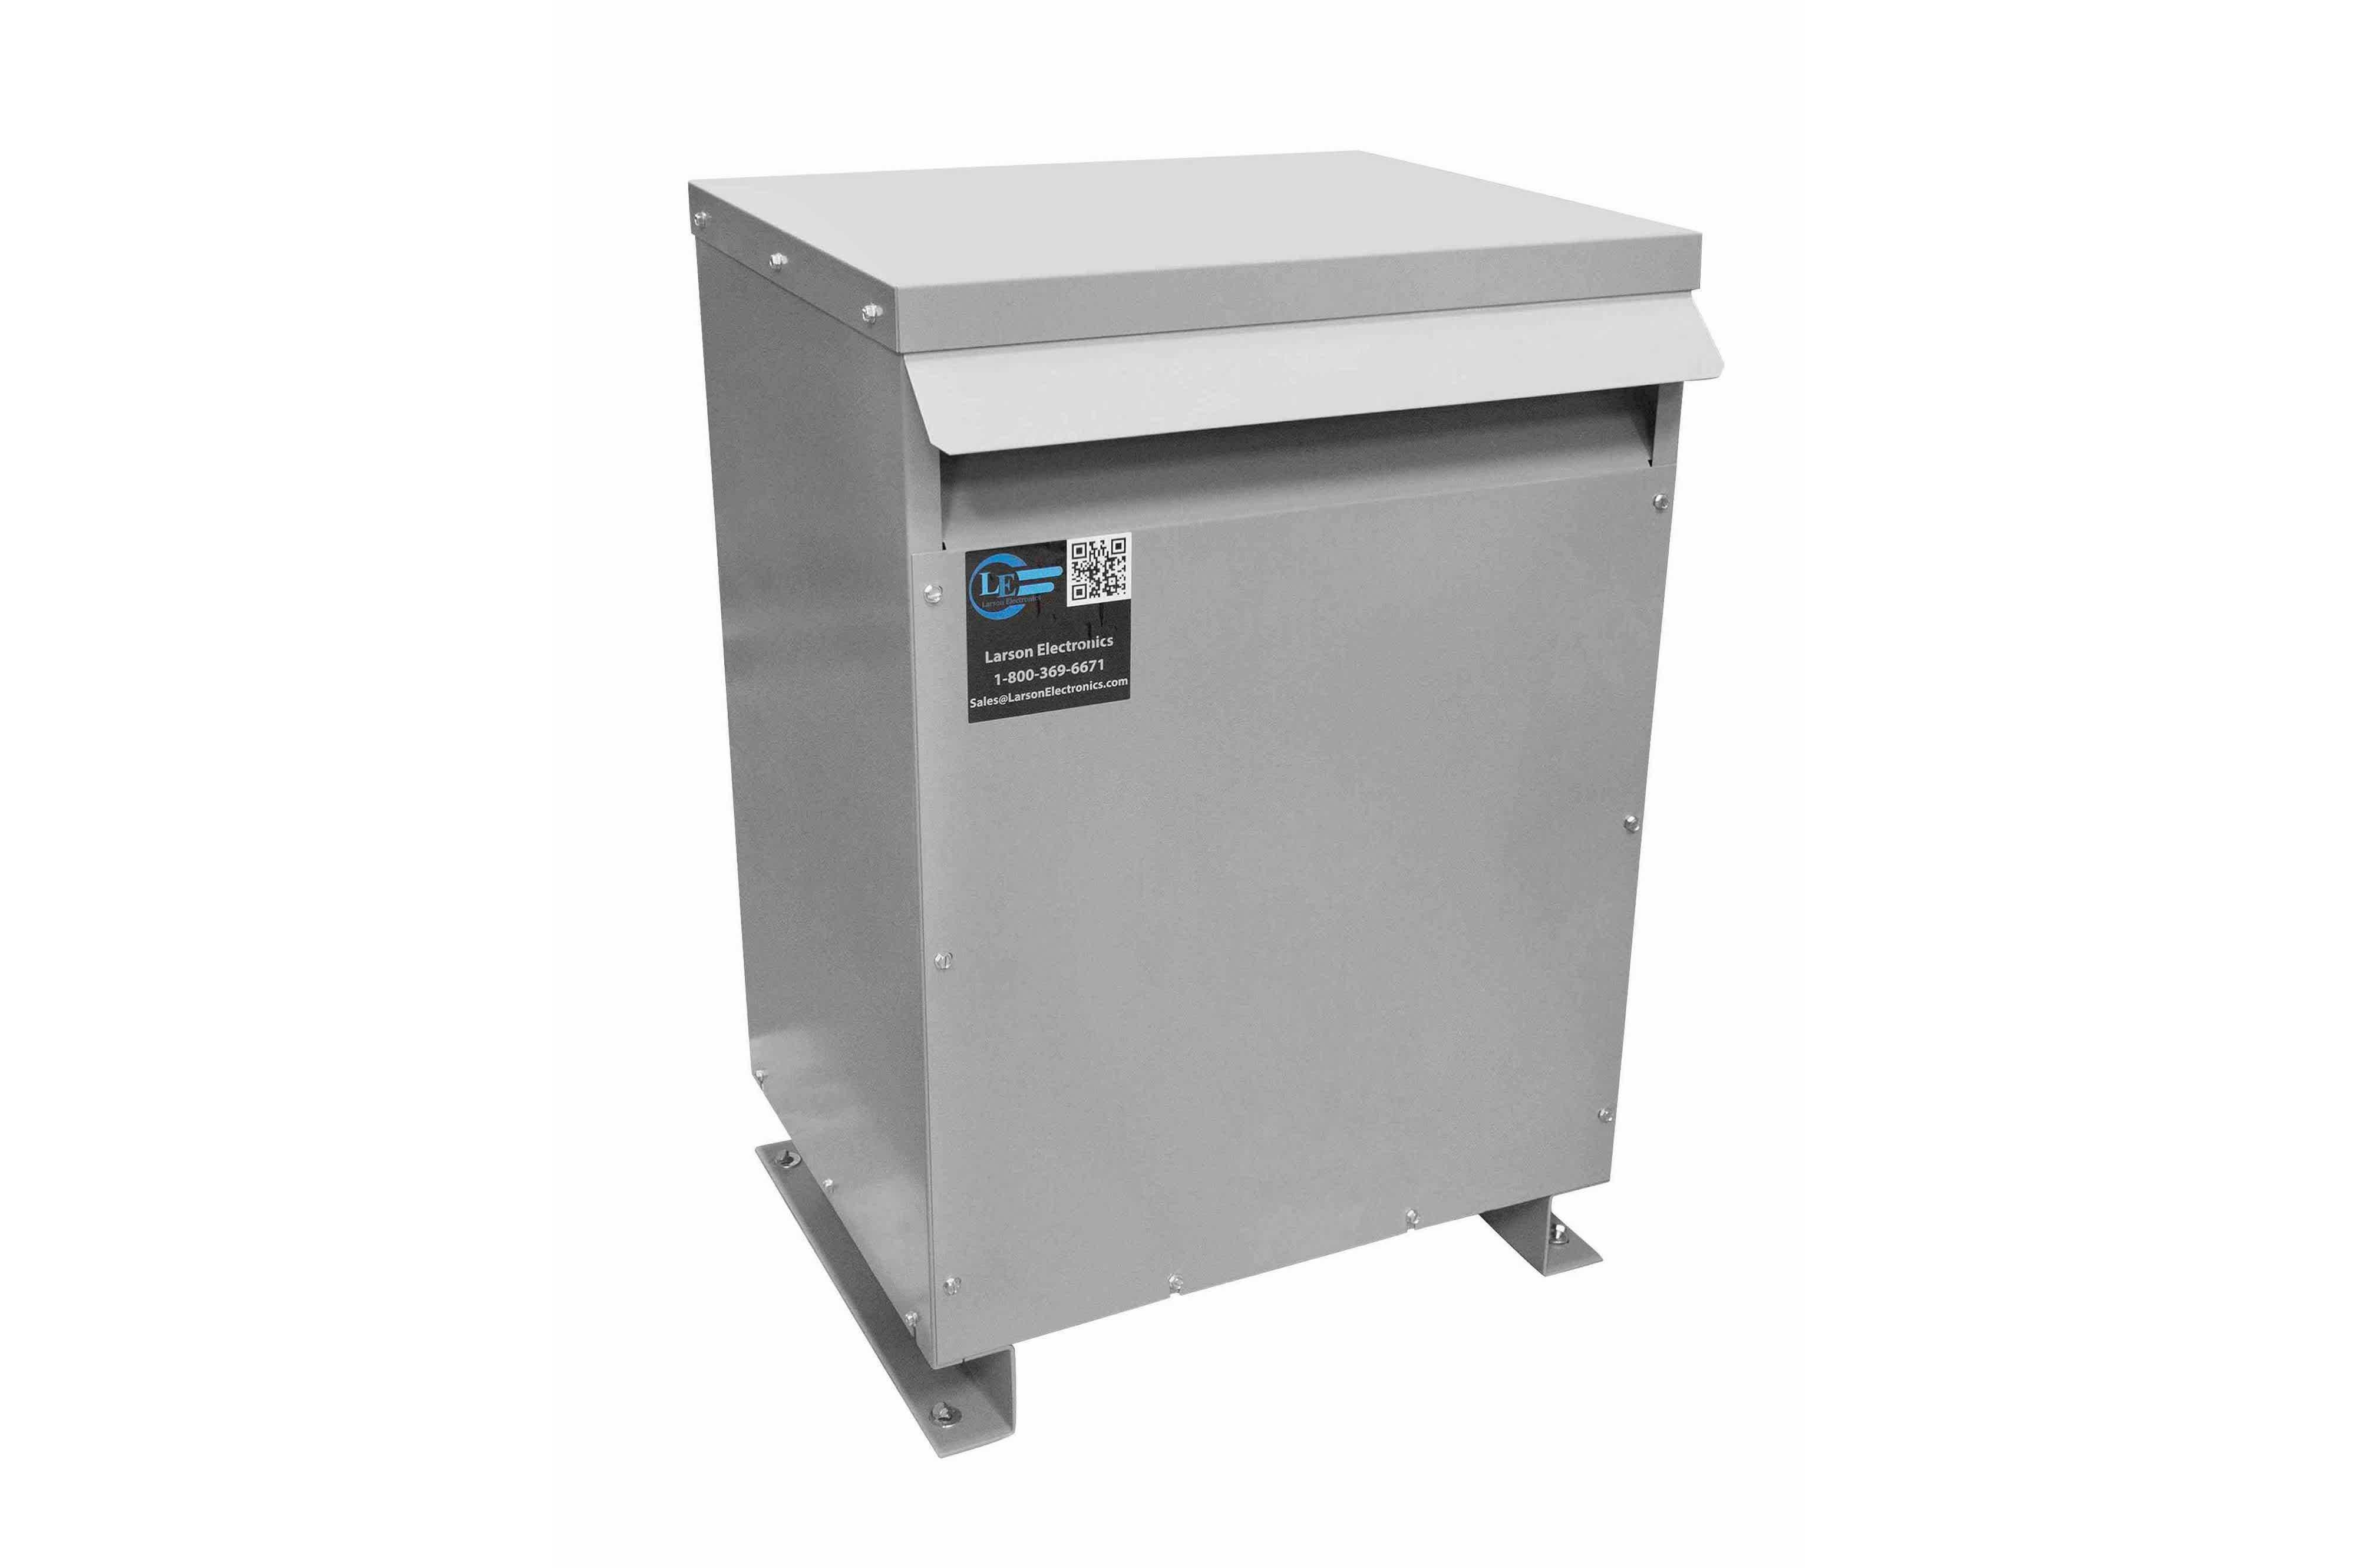 38 kVA 3PH Isolation Transformer, 400V Delta Primary, 480V Delta Secondary, N3R, Ventilated, 60 Hz